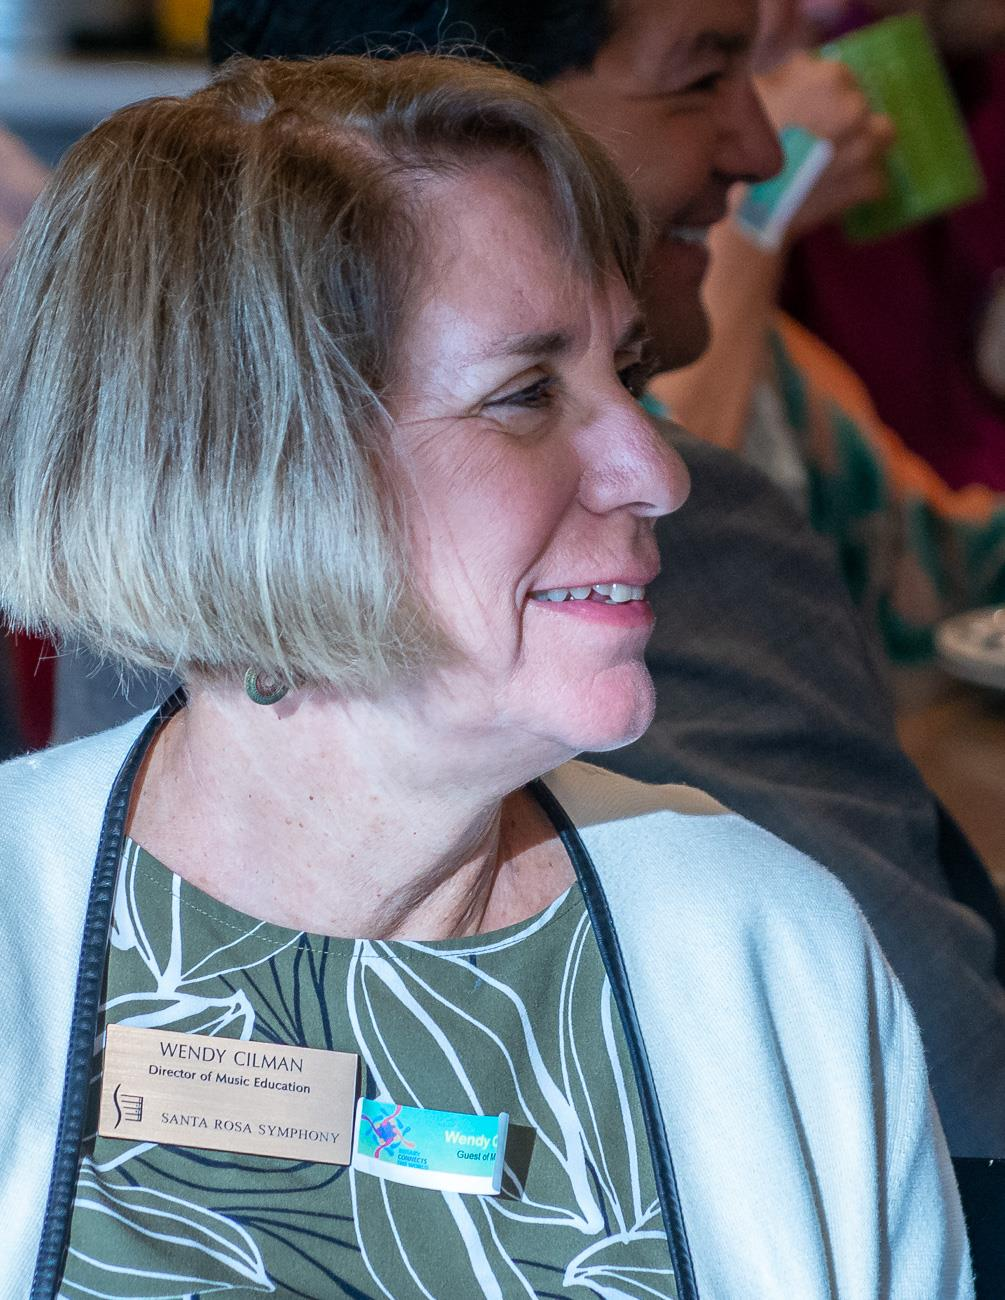 Guest Wendy Cilman